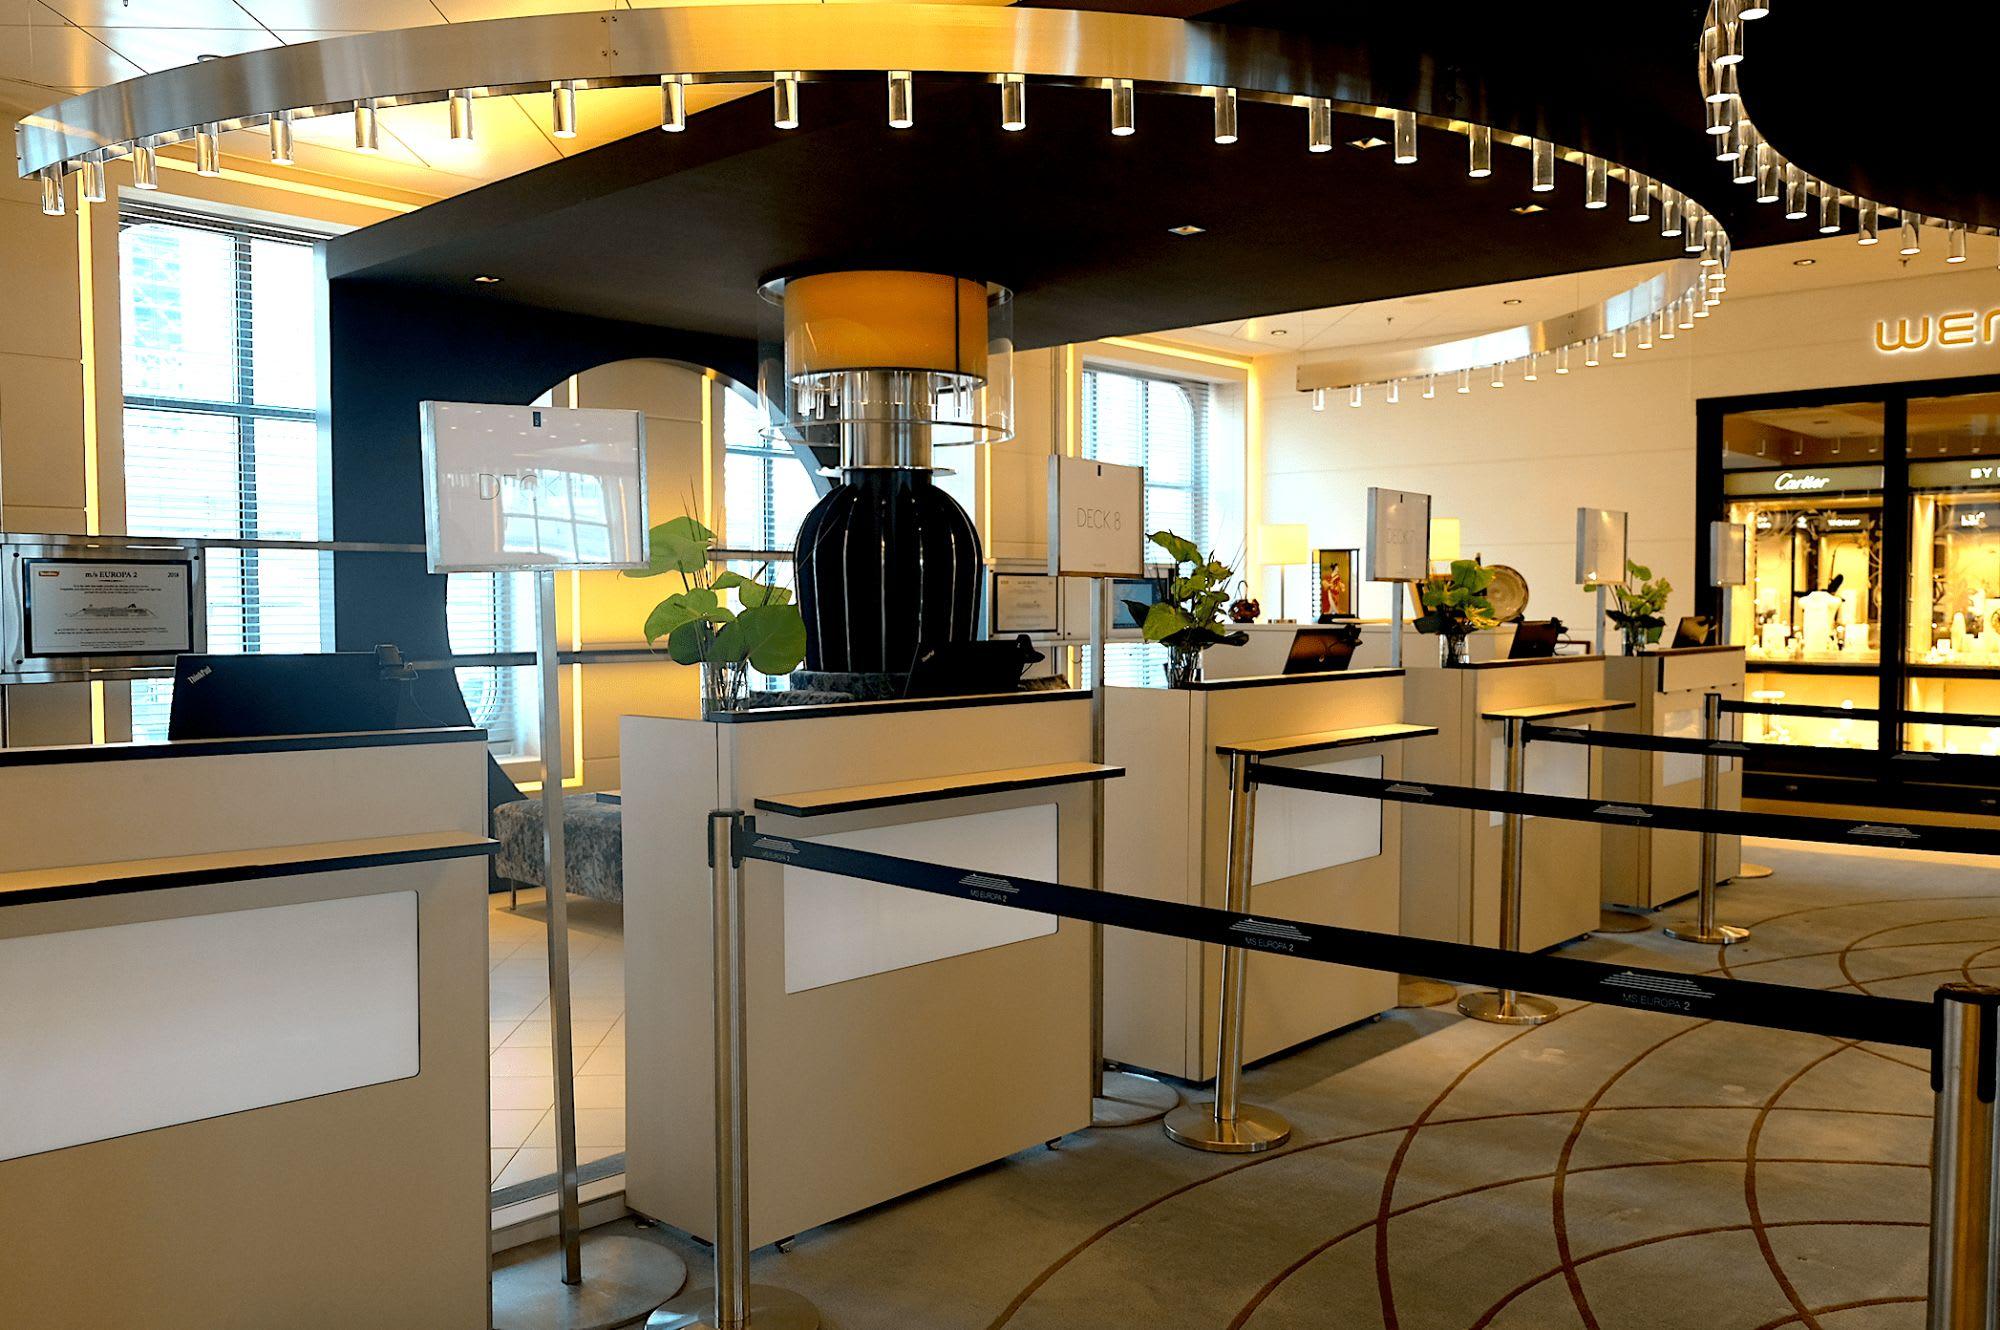 エントランスは高級ブティックホテルのような雰囲気でカウンターも高級感漂う